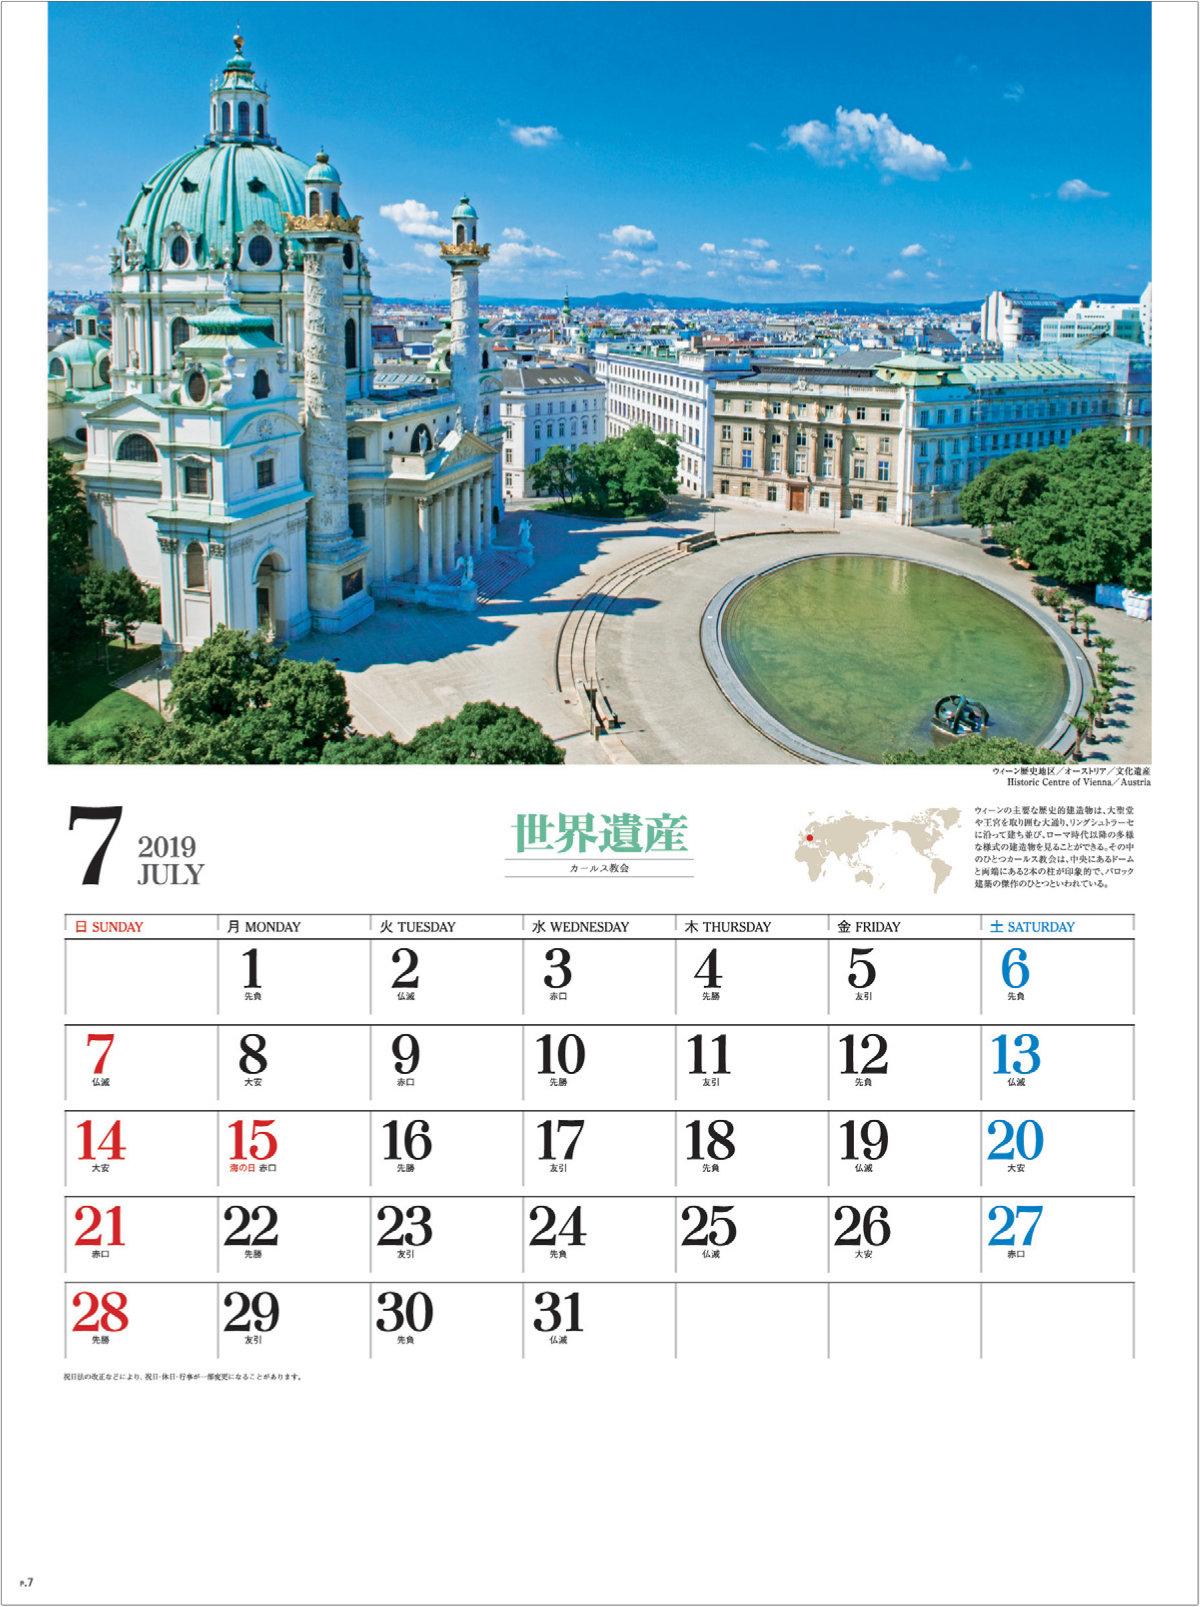 画像:オーストリアのウィーン歴史地区 ユネスコ世界遺産 2019年カレンダー